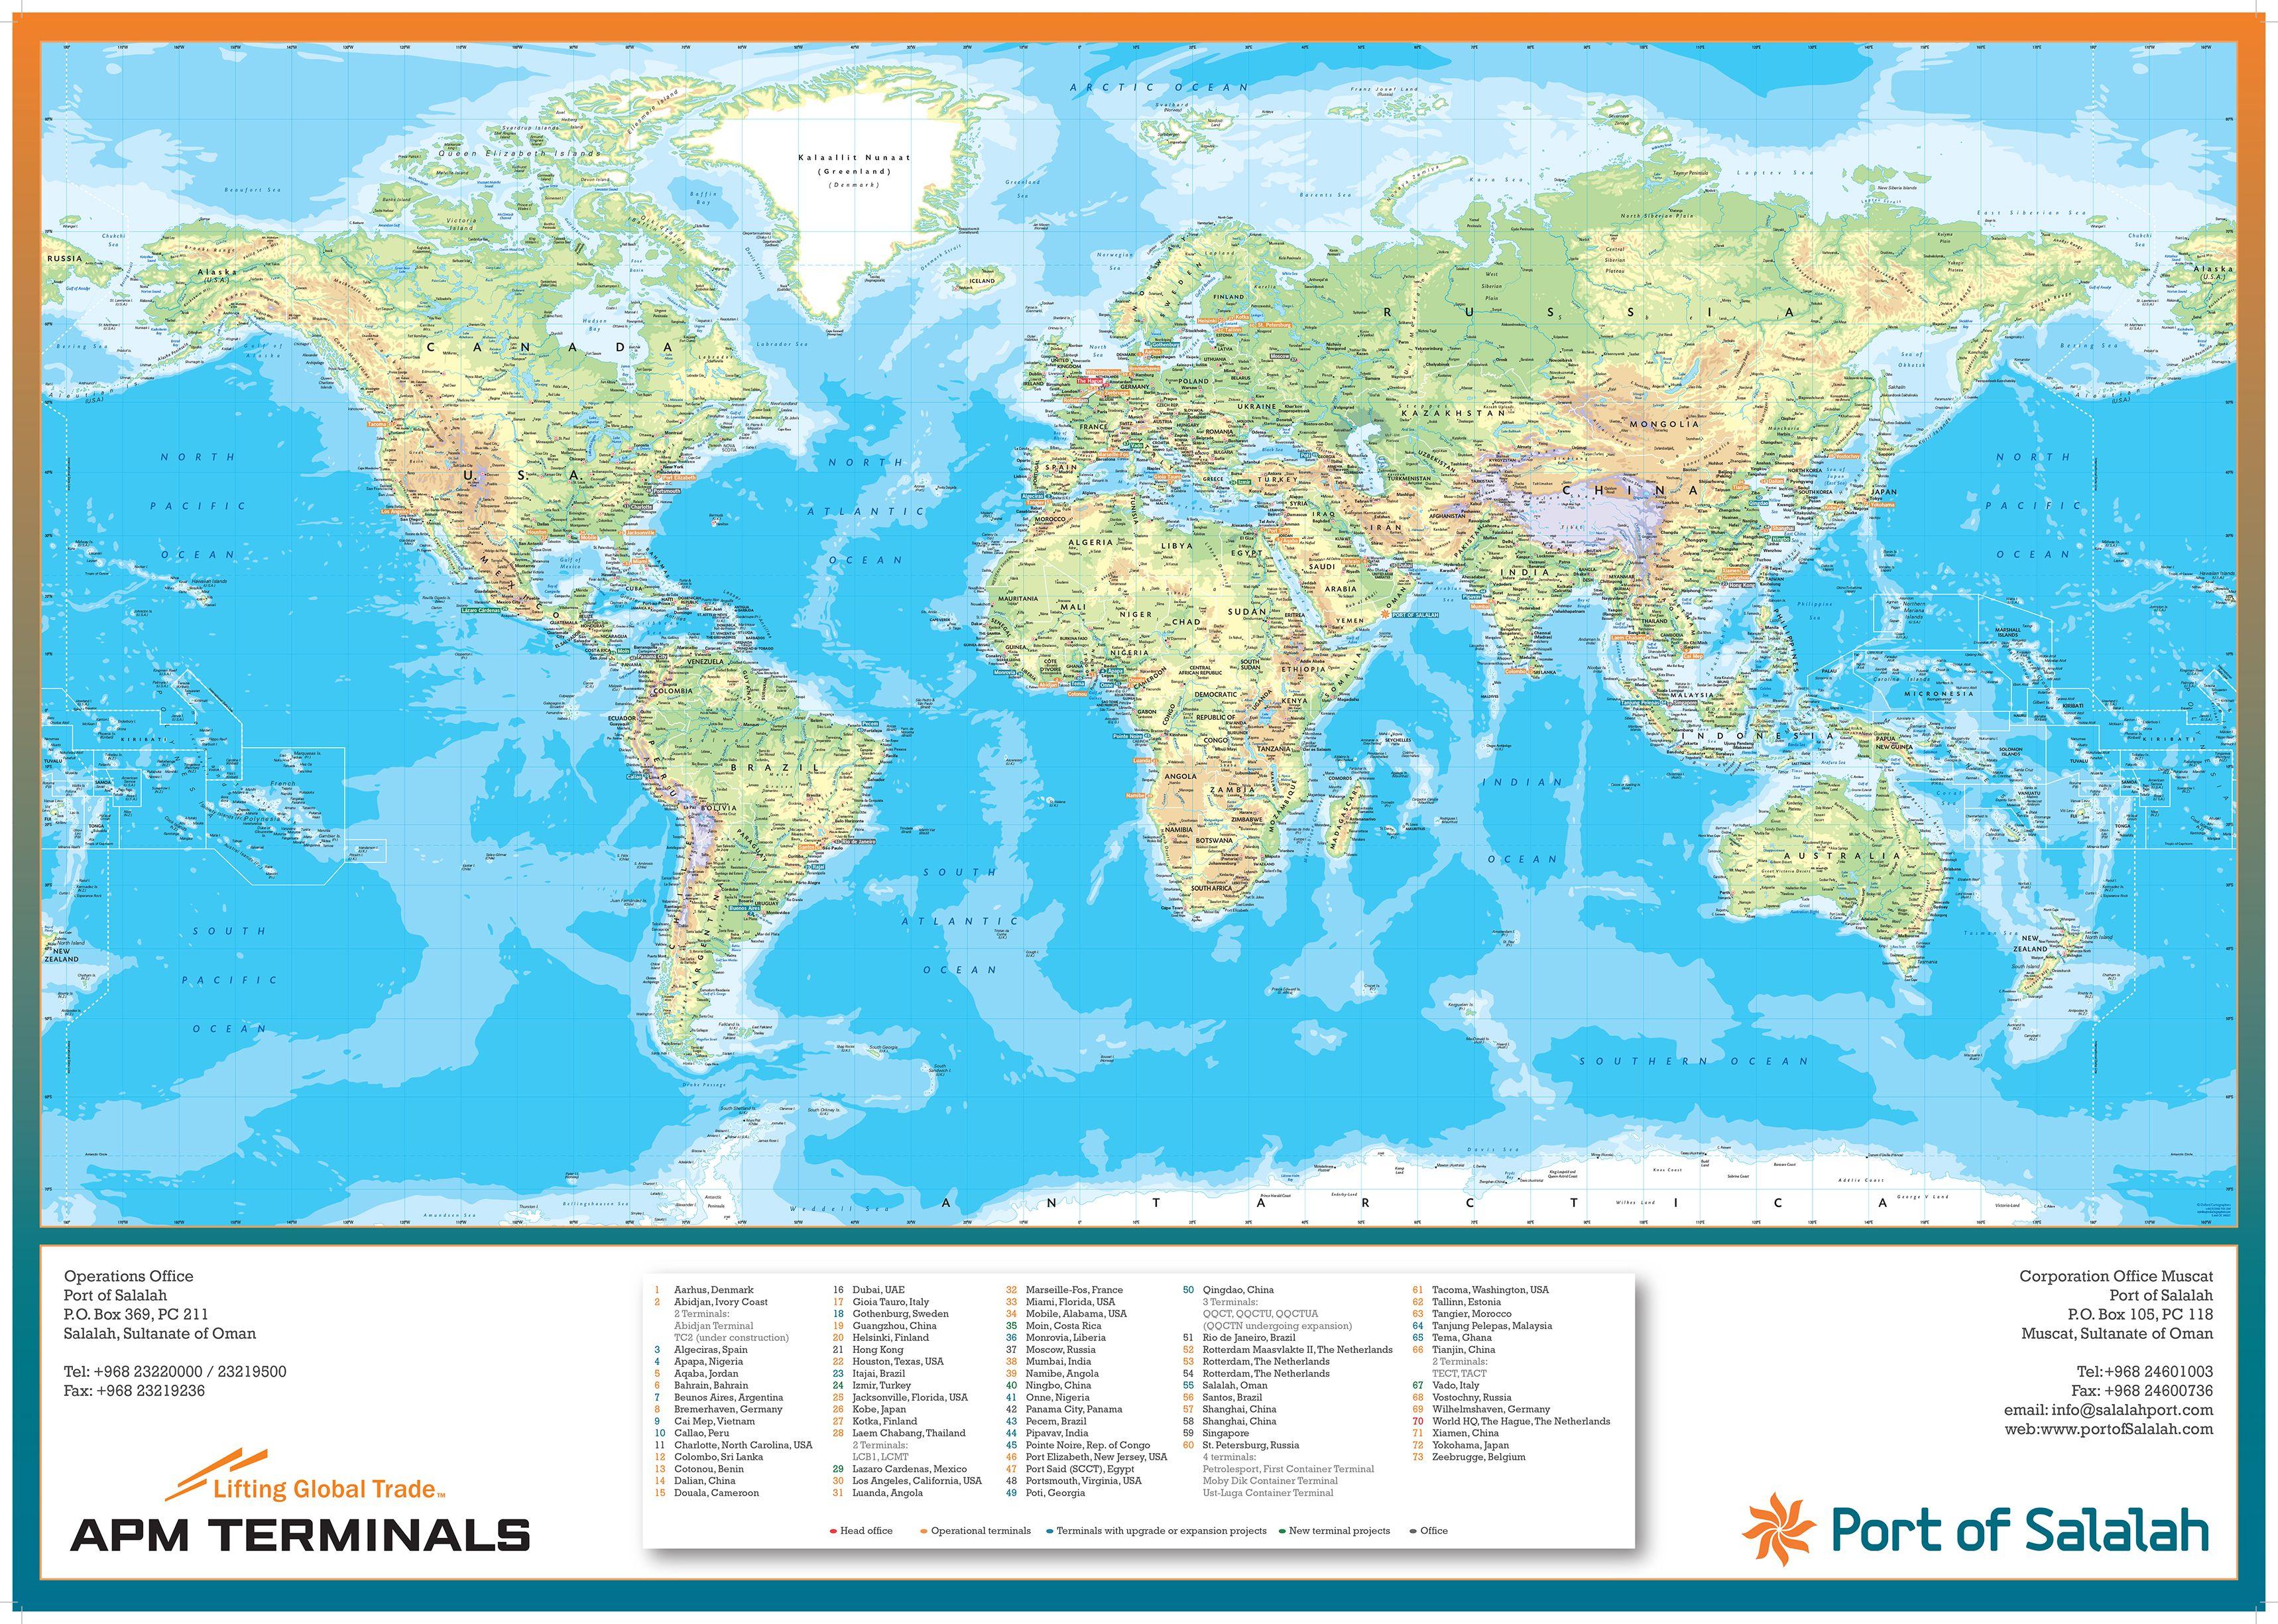 Port of Salalah World Poster Map Posters Pinterest Salalah